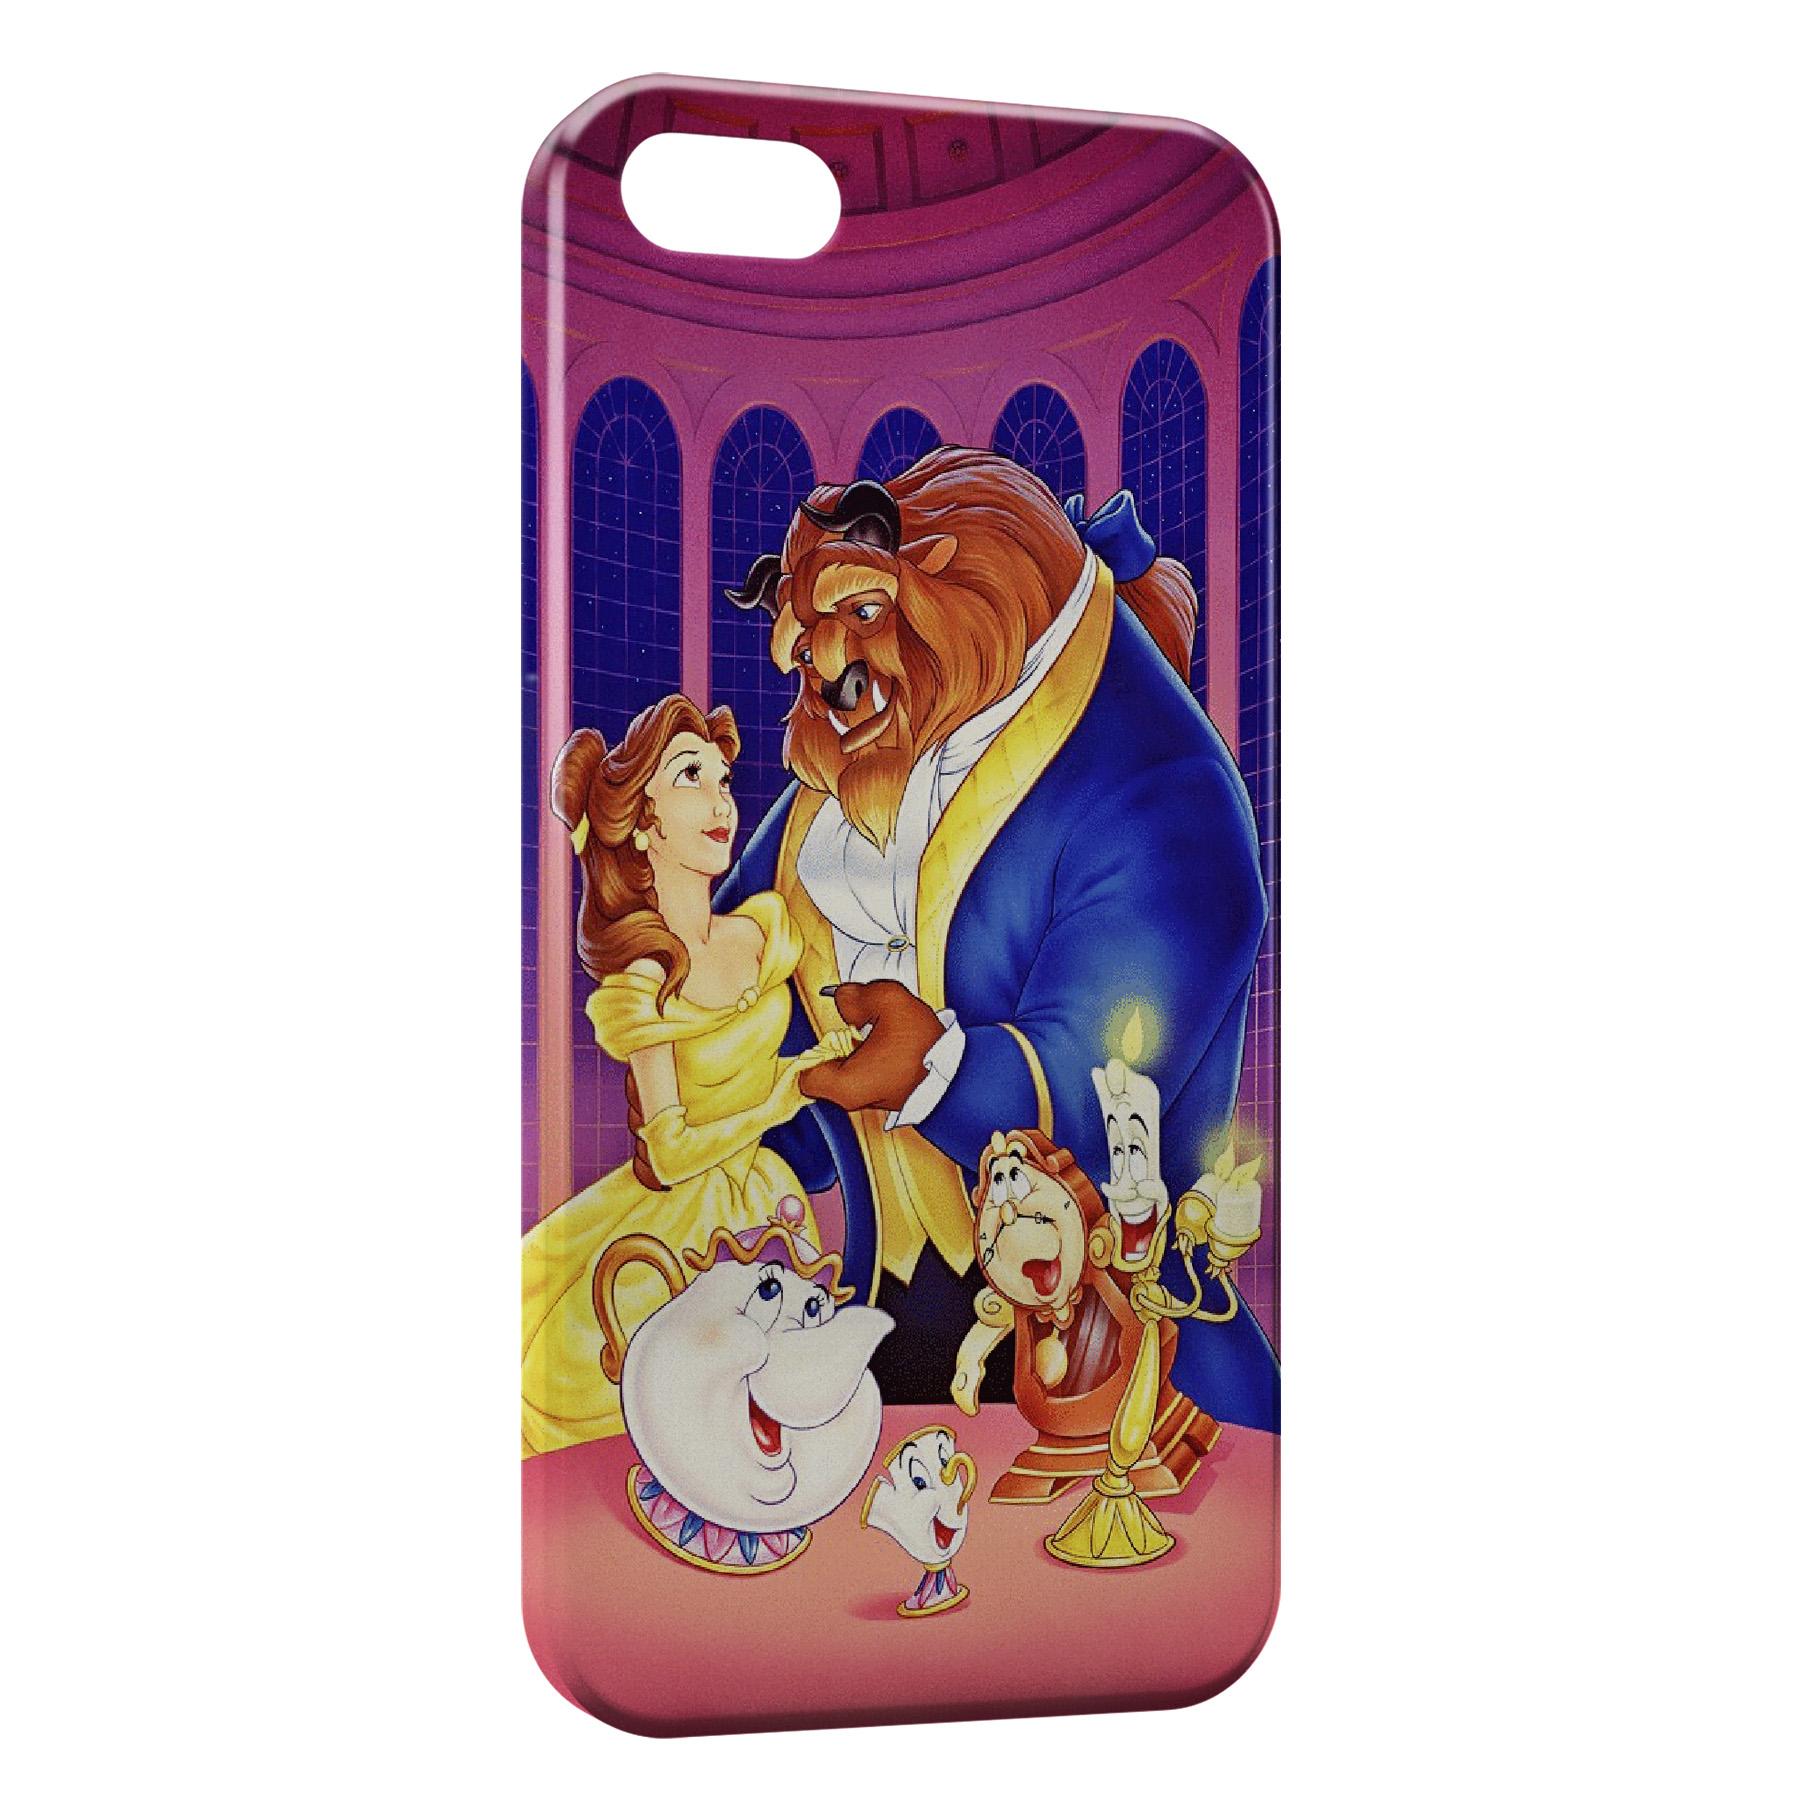 Coque iPhone 4 4S La Belle et La Bete 3